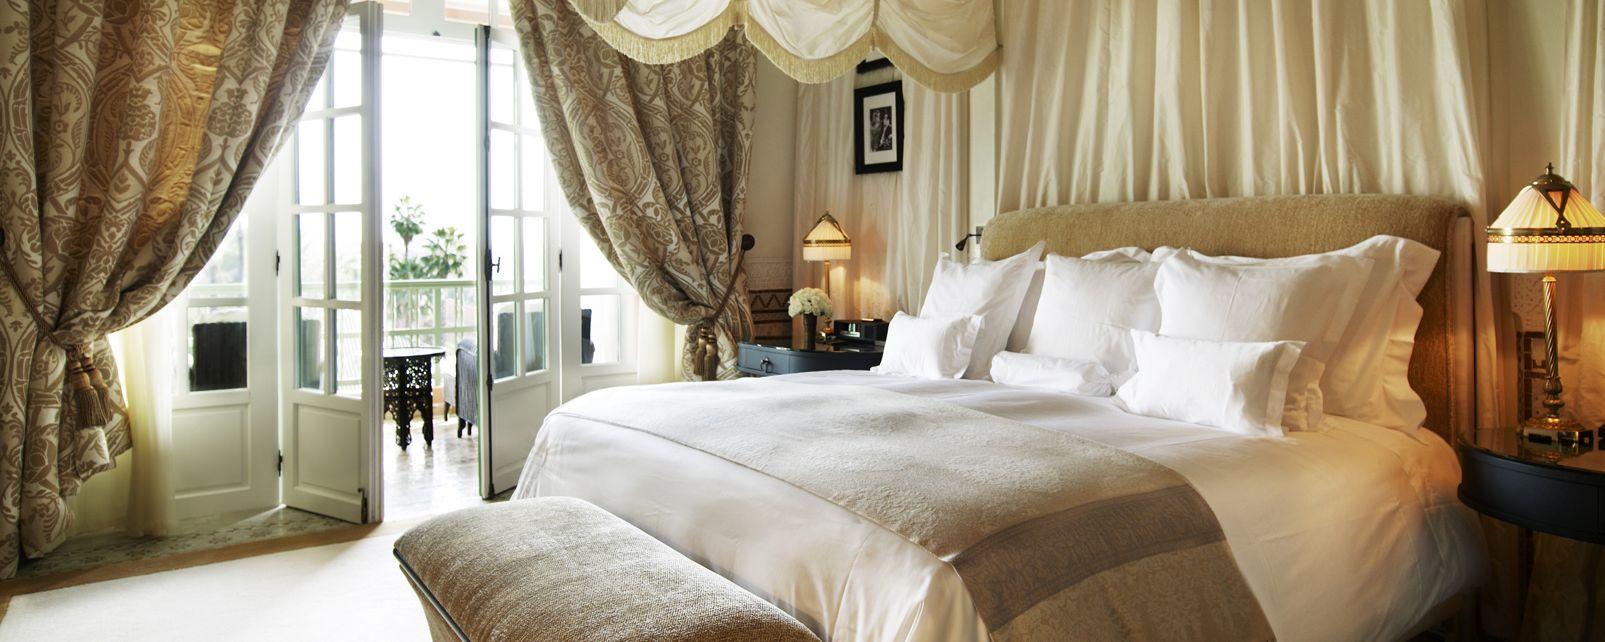 H tel la mamounia marrakech maroc - Prix chambre hotel mamounia marrakech ...